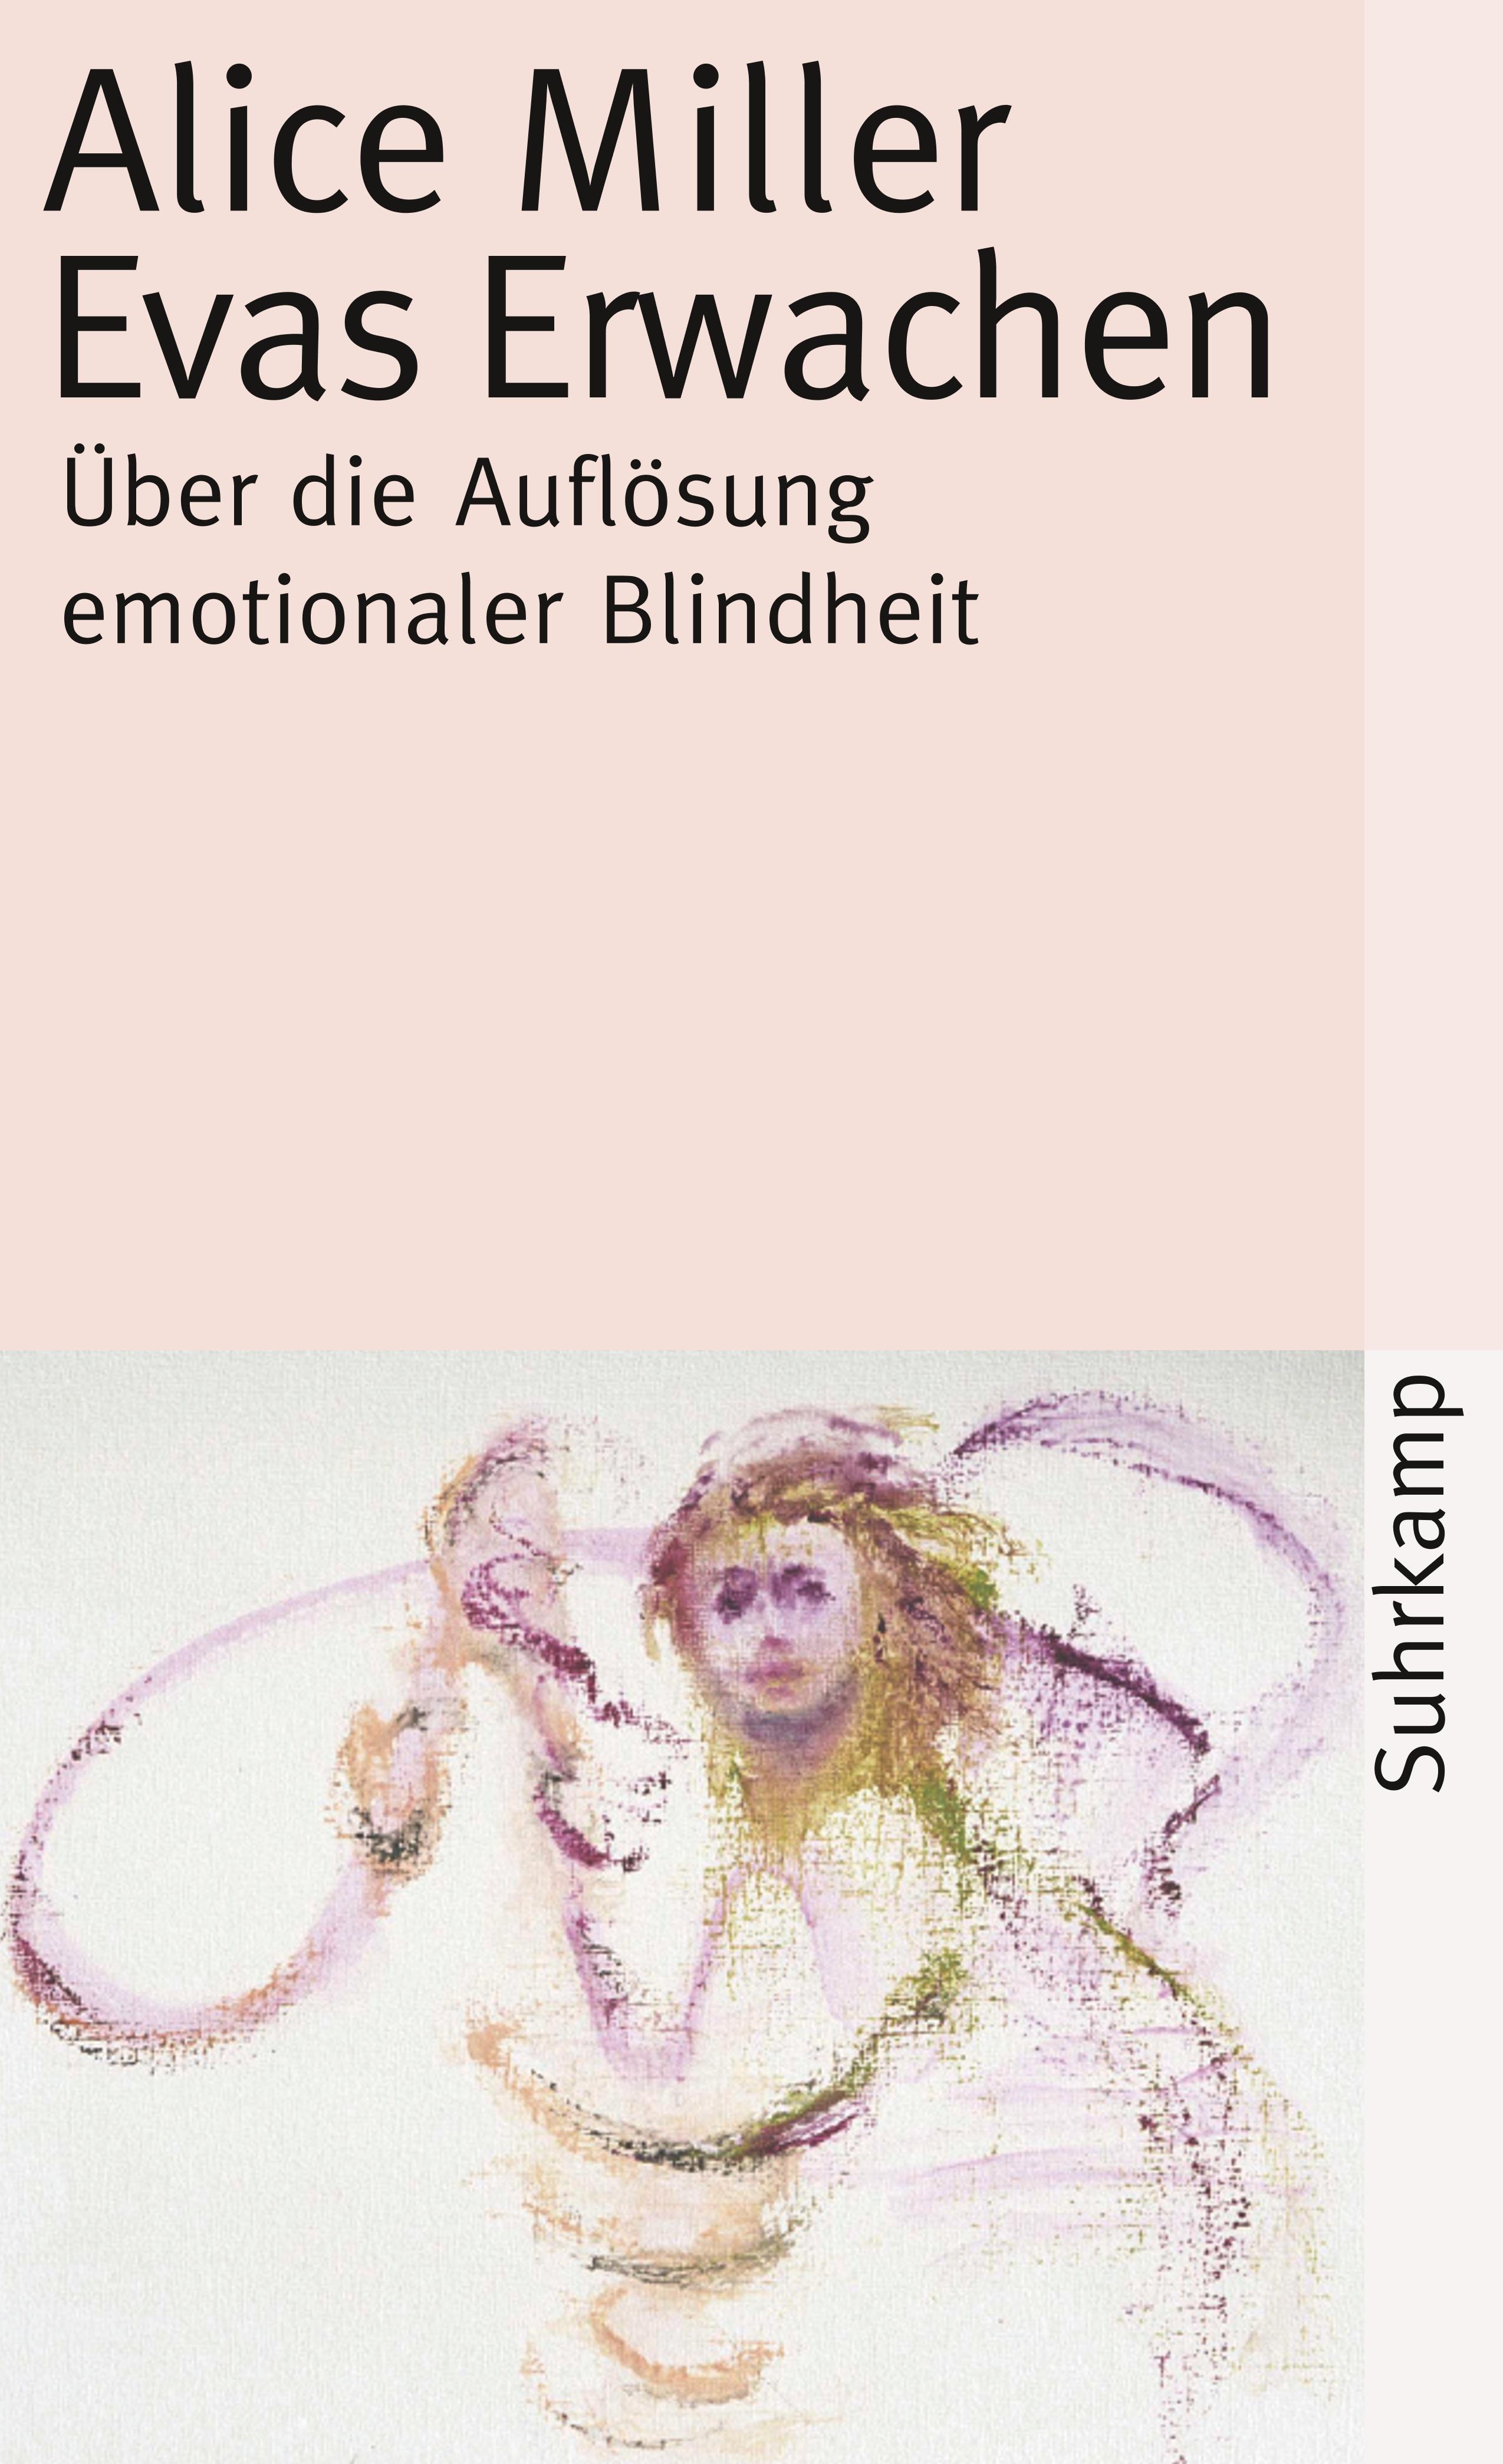 Liebevoll leben und lernen - junge Menschen - Kinder - Bild vom Buch: Evas Erwachen - Autorin: Alice Miller - Verlag: Suhrkamp Verlag